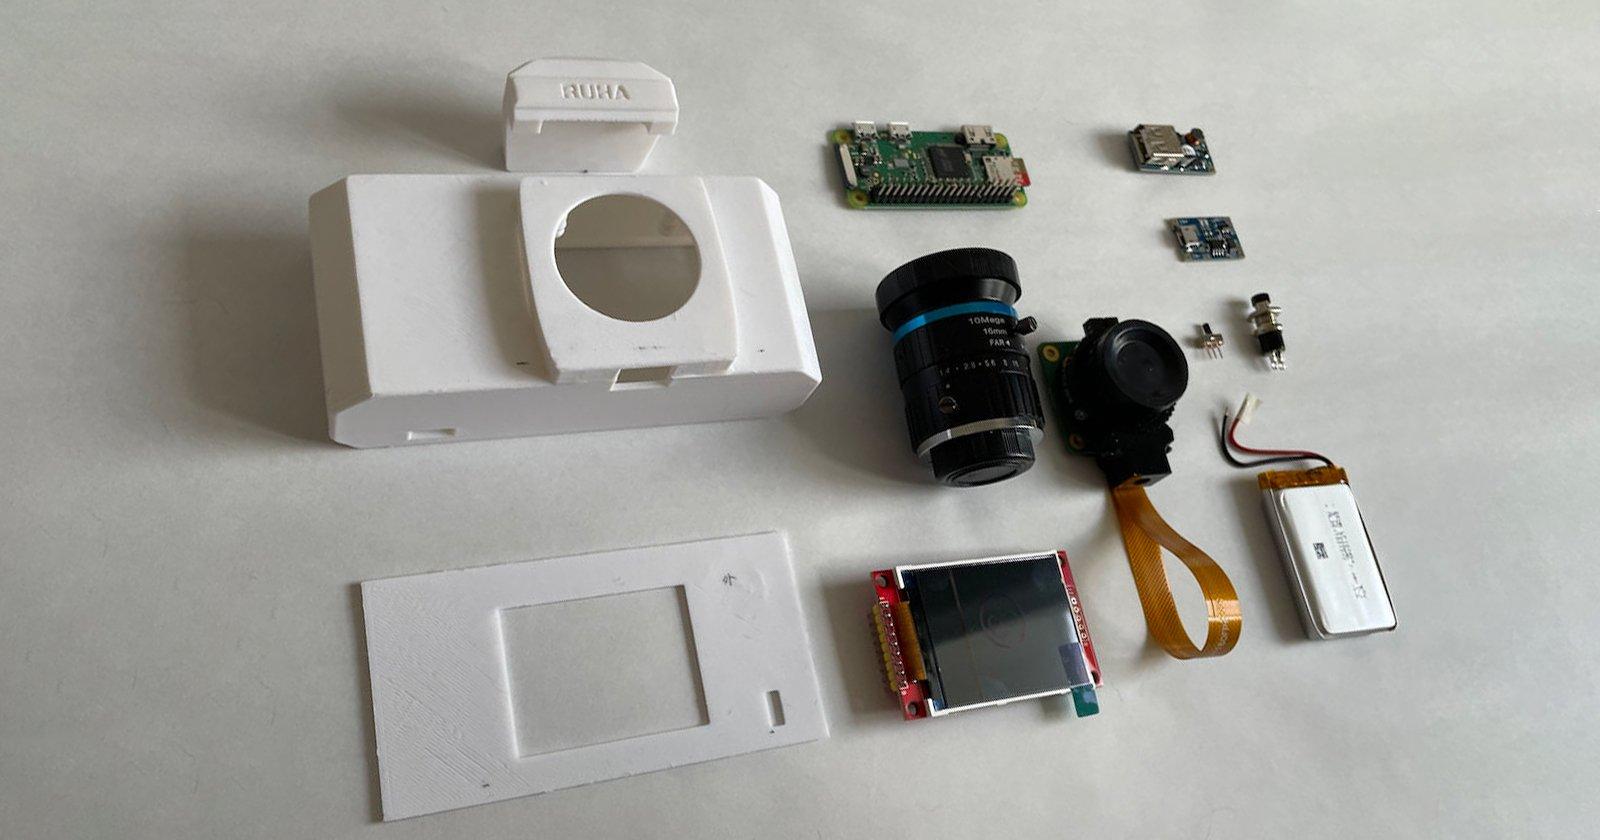 RUHAcam è una fotocamera digitale Raspberry Pi che puoi stampare in 3D